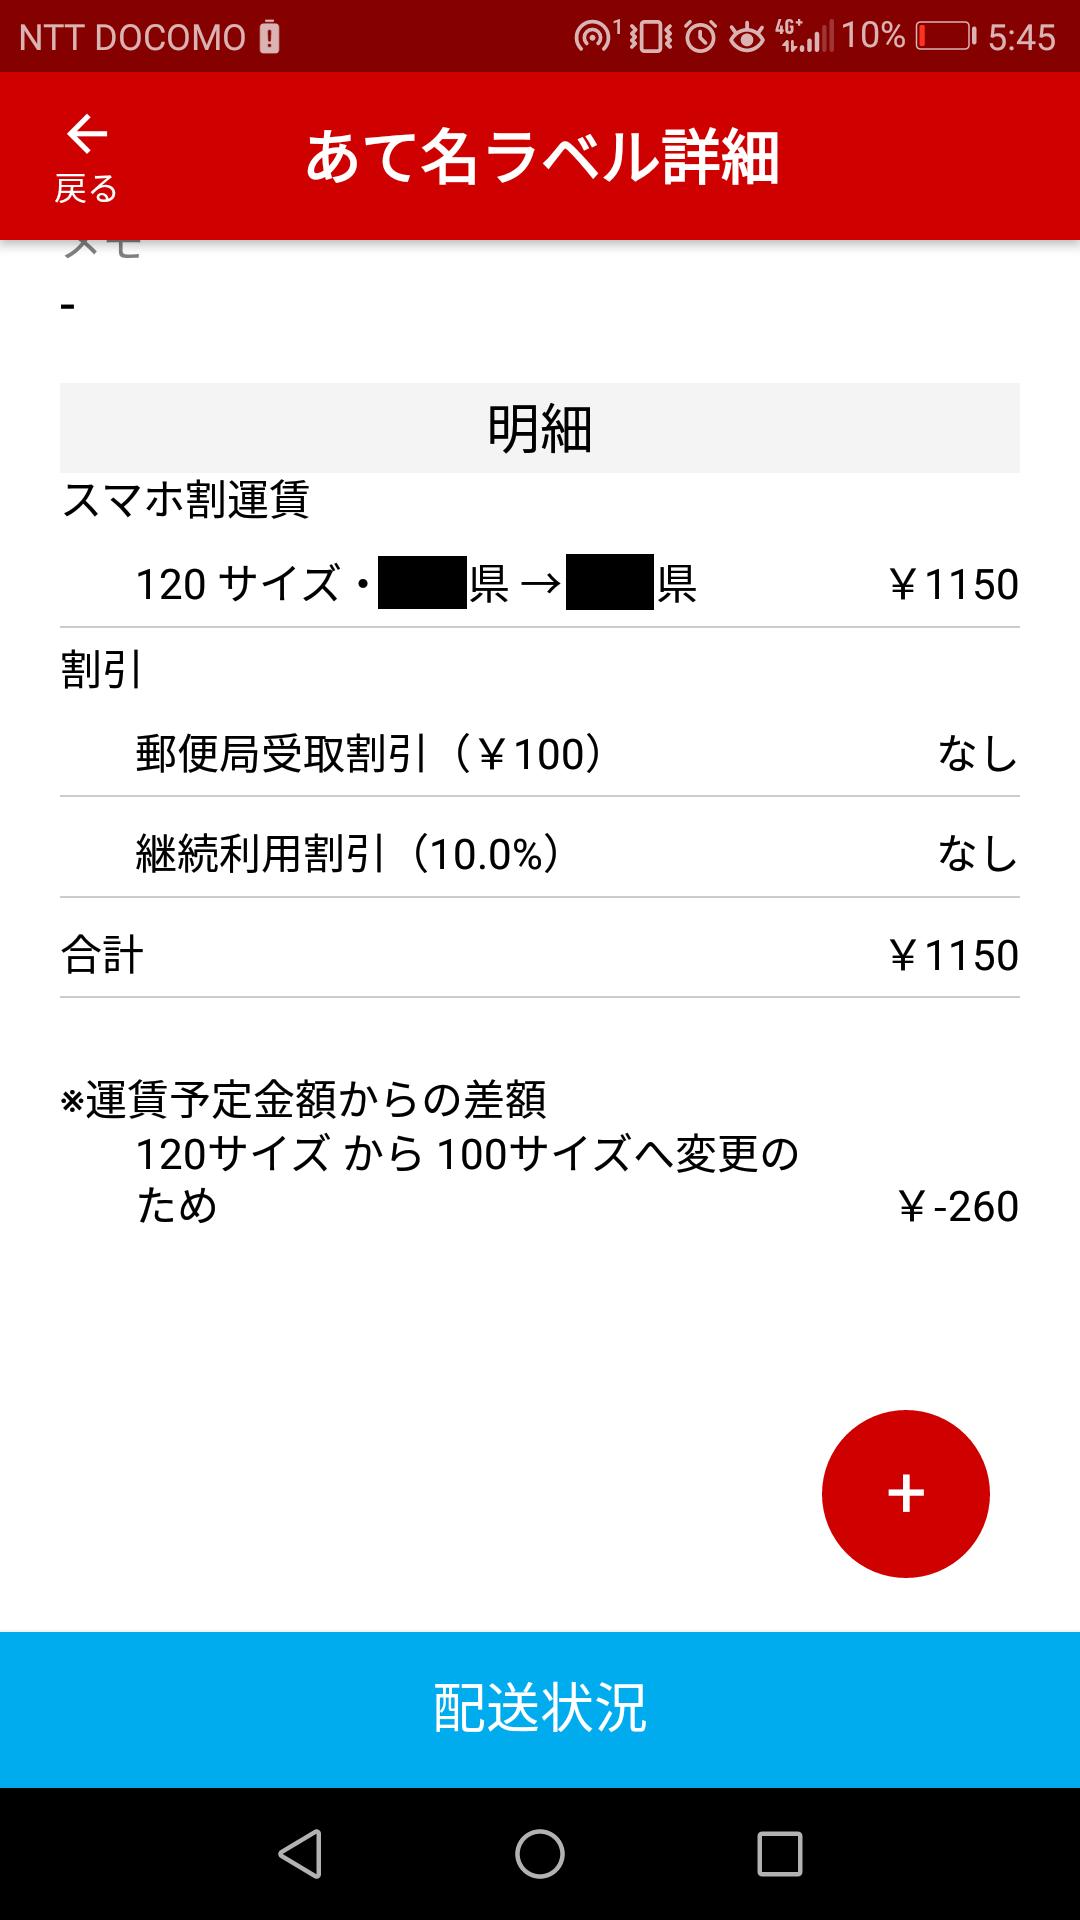 割 スマホ ゆう パック 「ゆうパックスマホ割」アプリの使い方をくわしく解説!